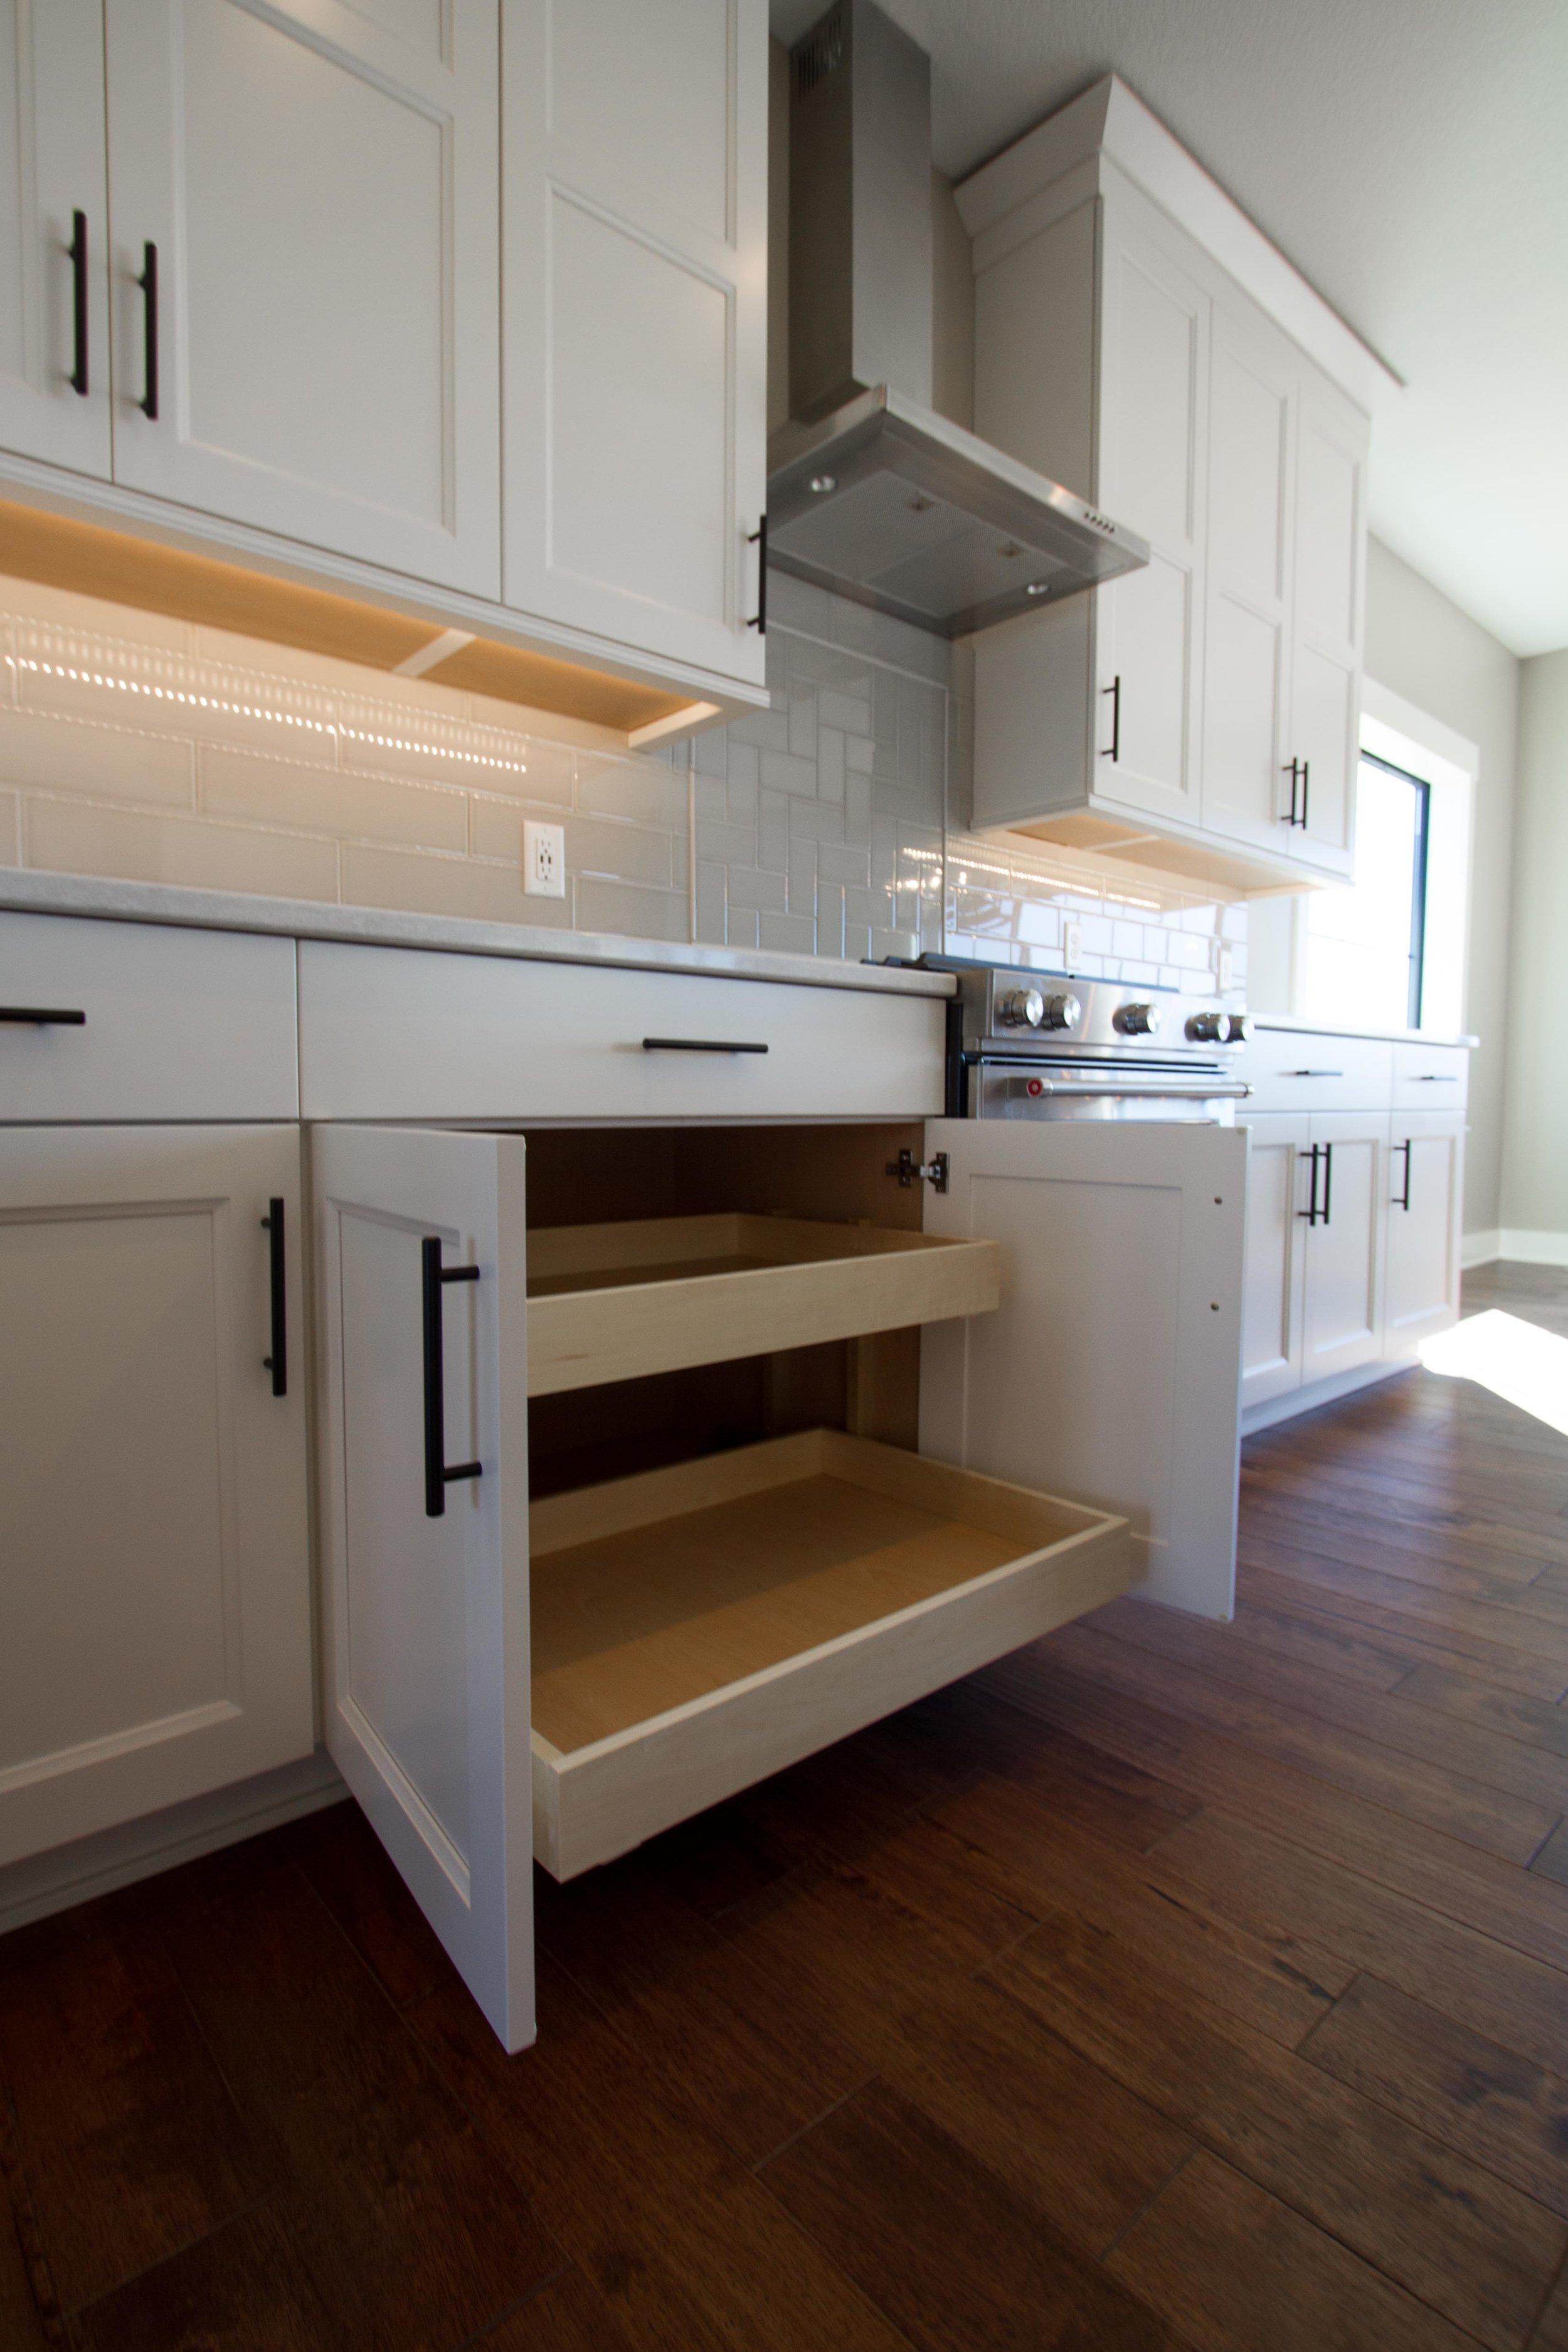 Next_Step_Homes-Kitchen-15.jpg